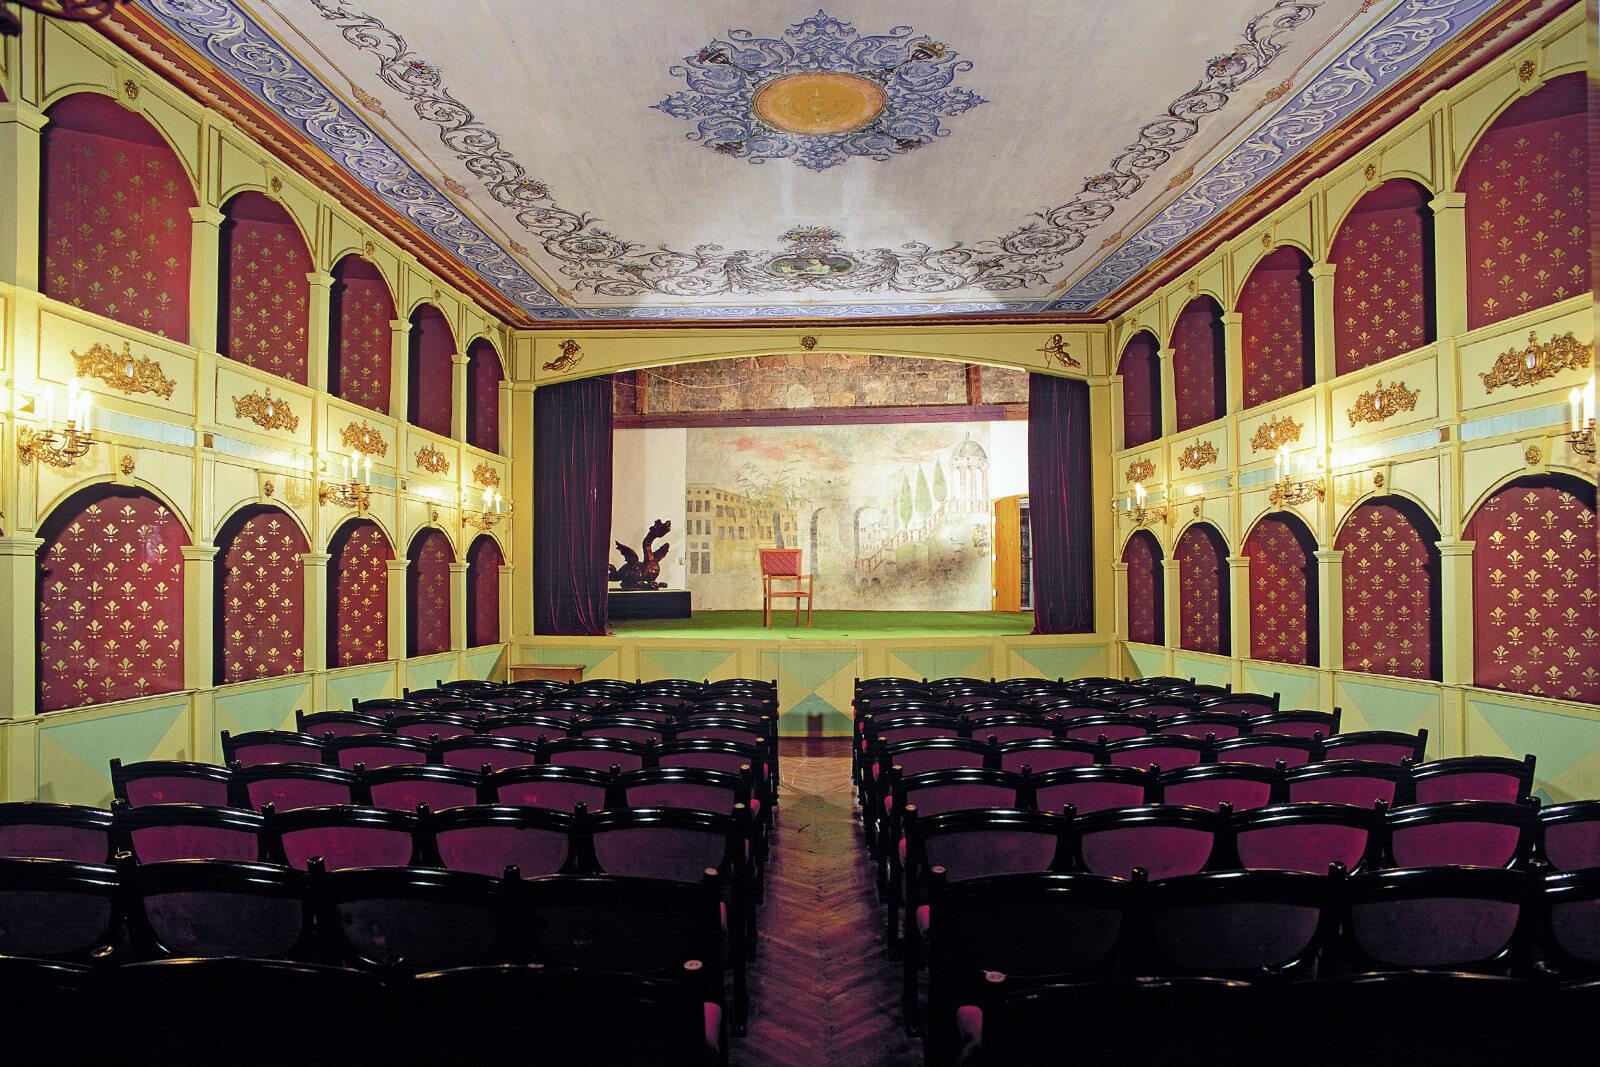 Hvar's Theatre